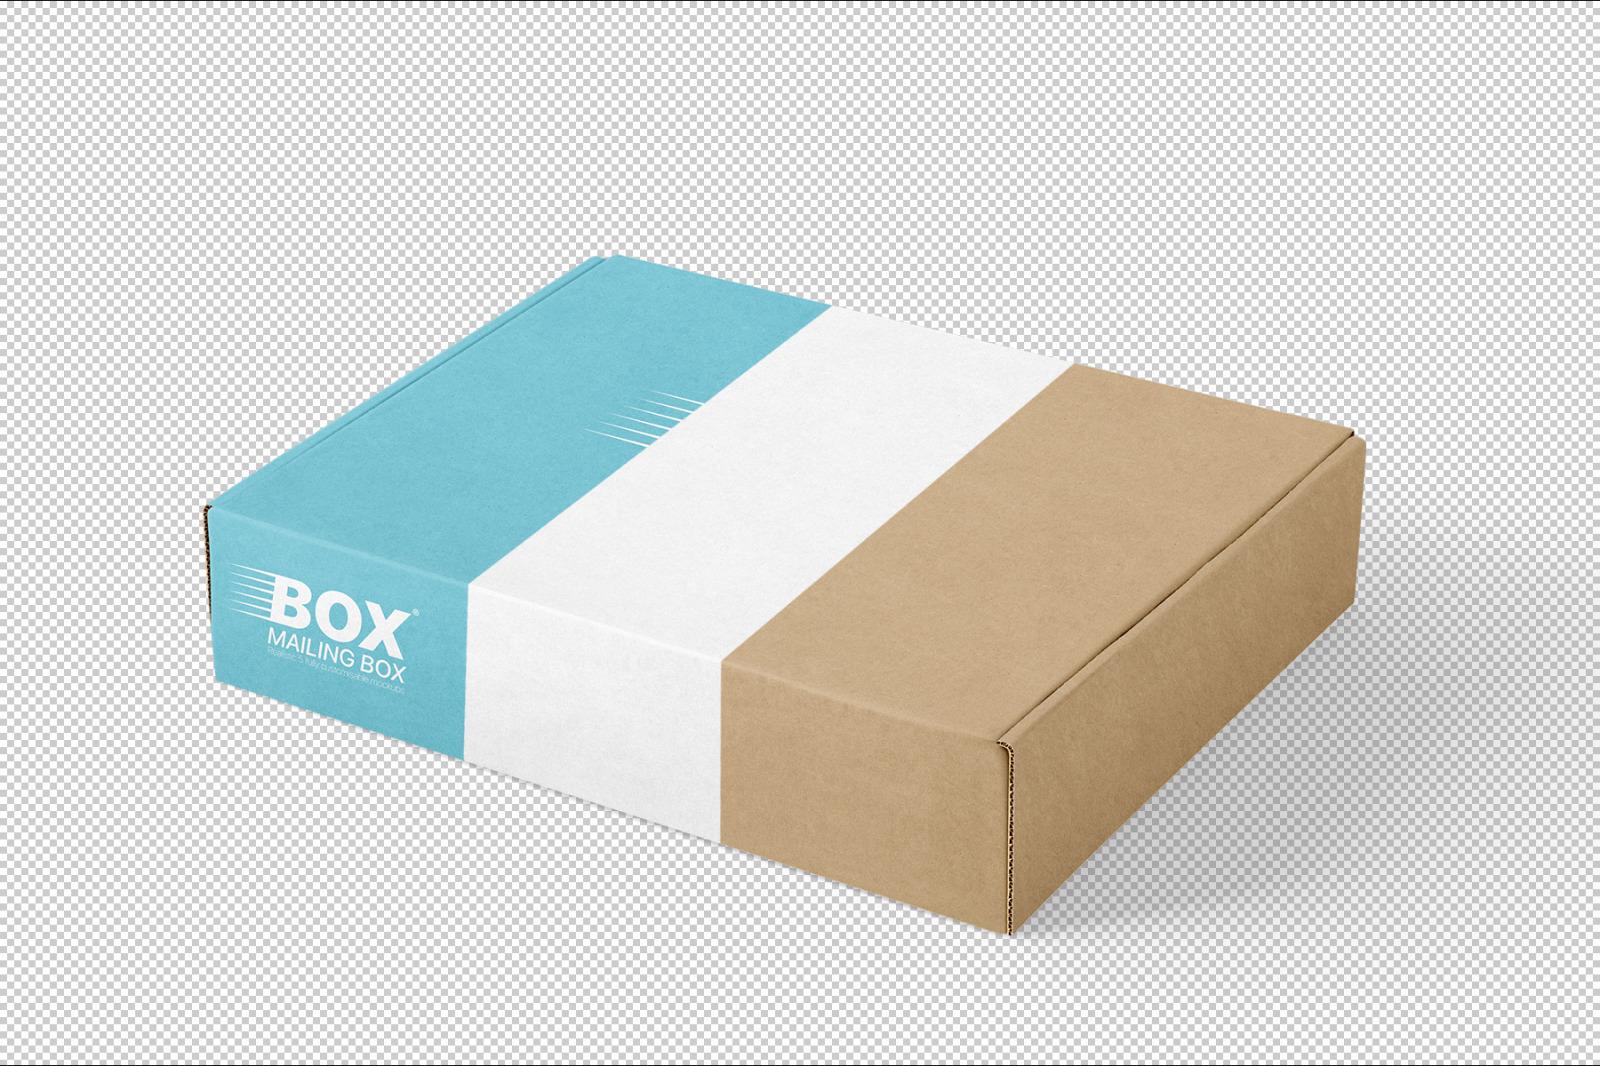 多角度快递包装纸盒外观设计展示样机 Mailing Box Mockups Set插图(5)